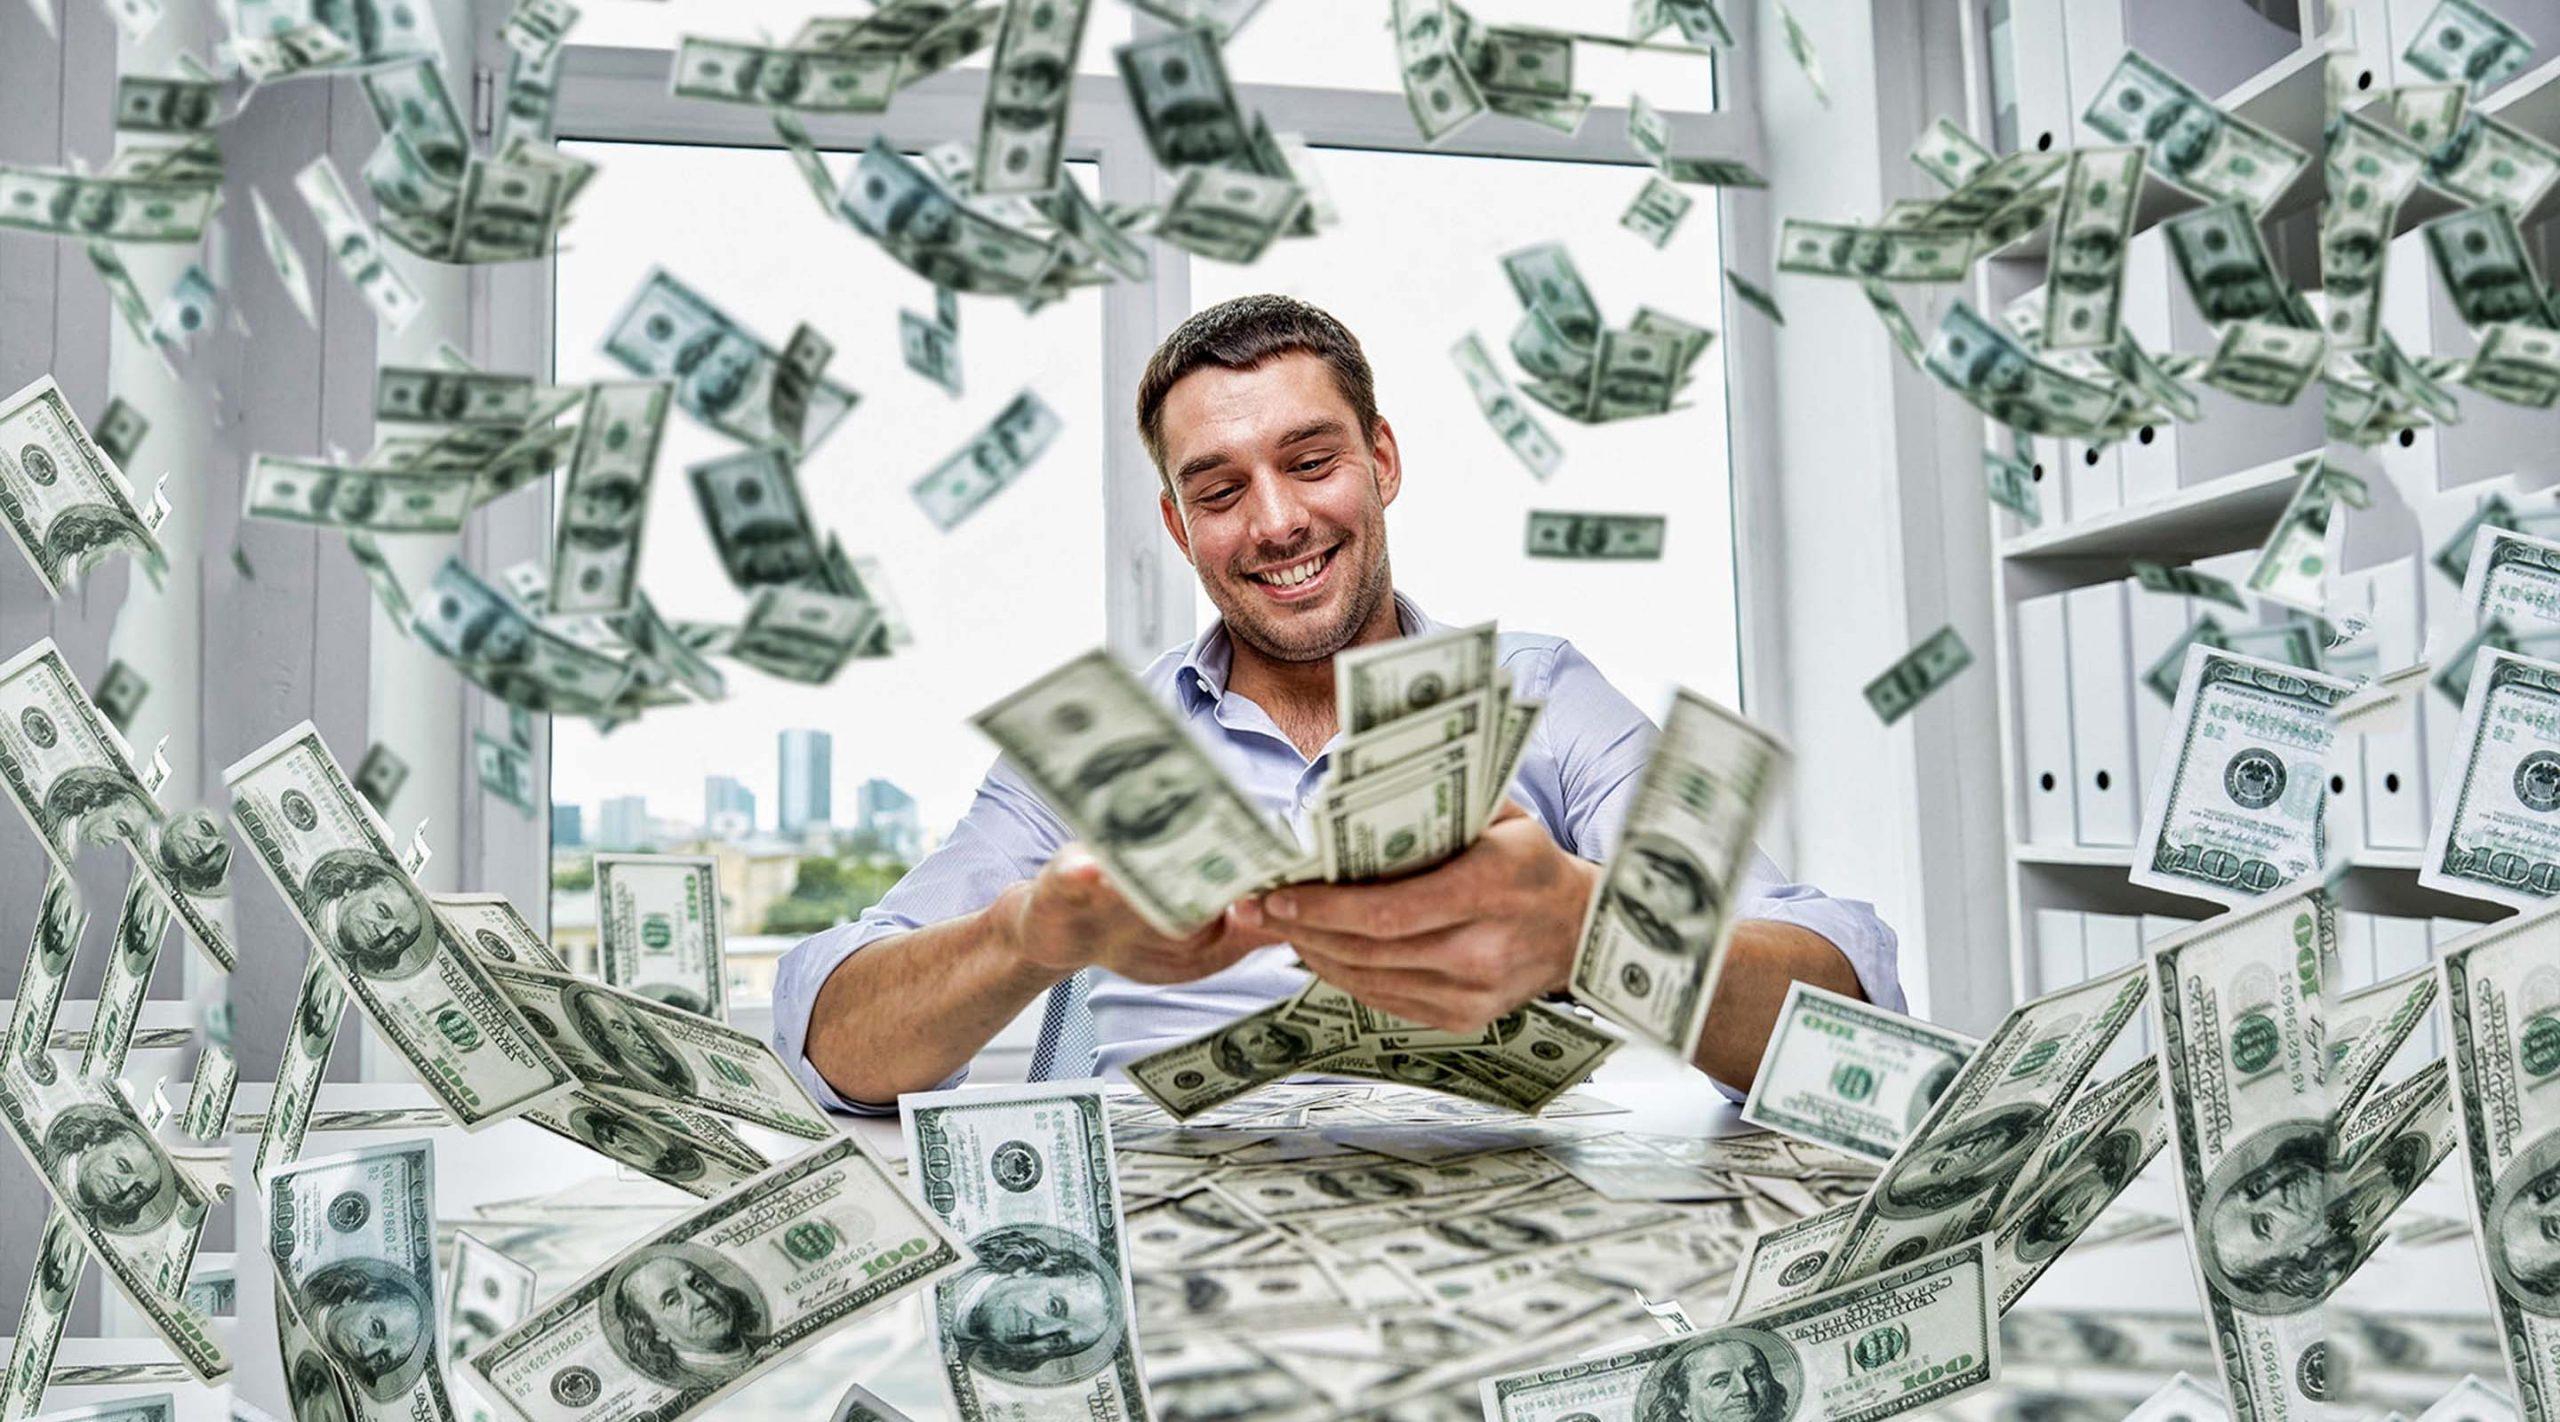 Pieniądze niesą potożebyje wydawać